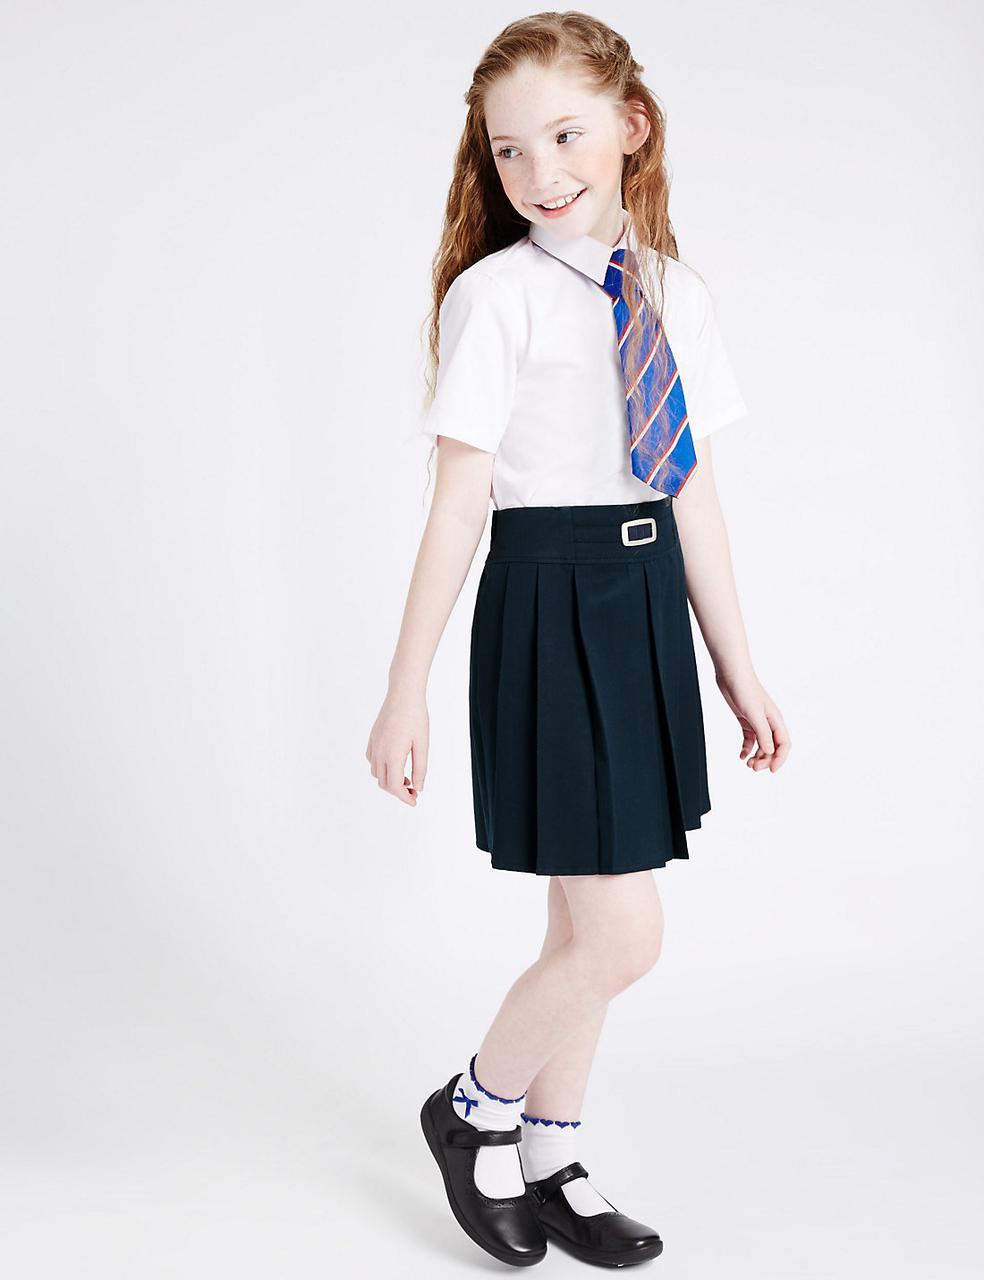 Юбки для девочек 10 лет